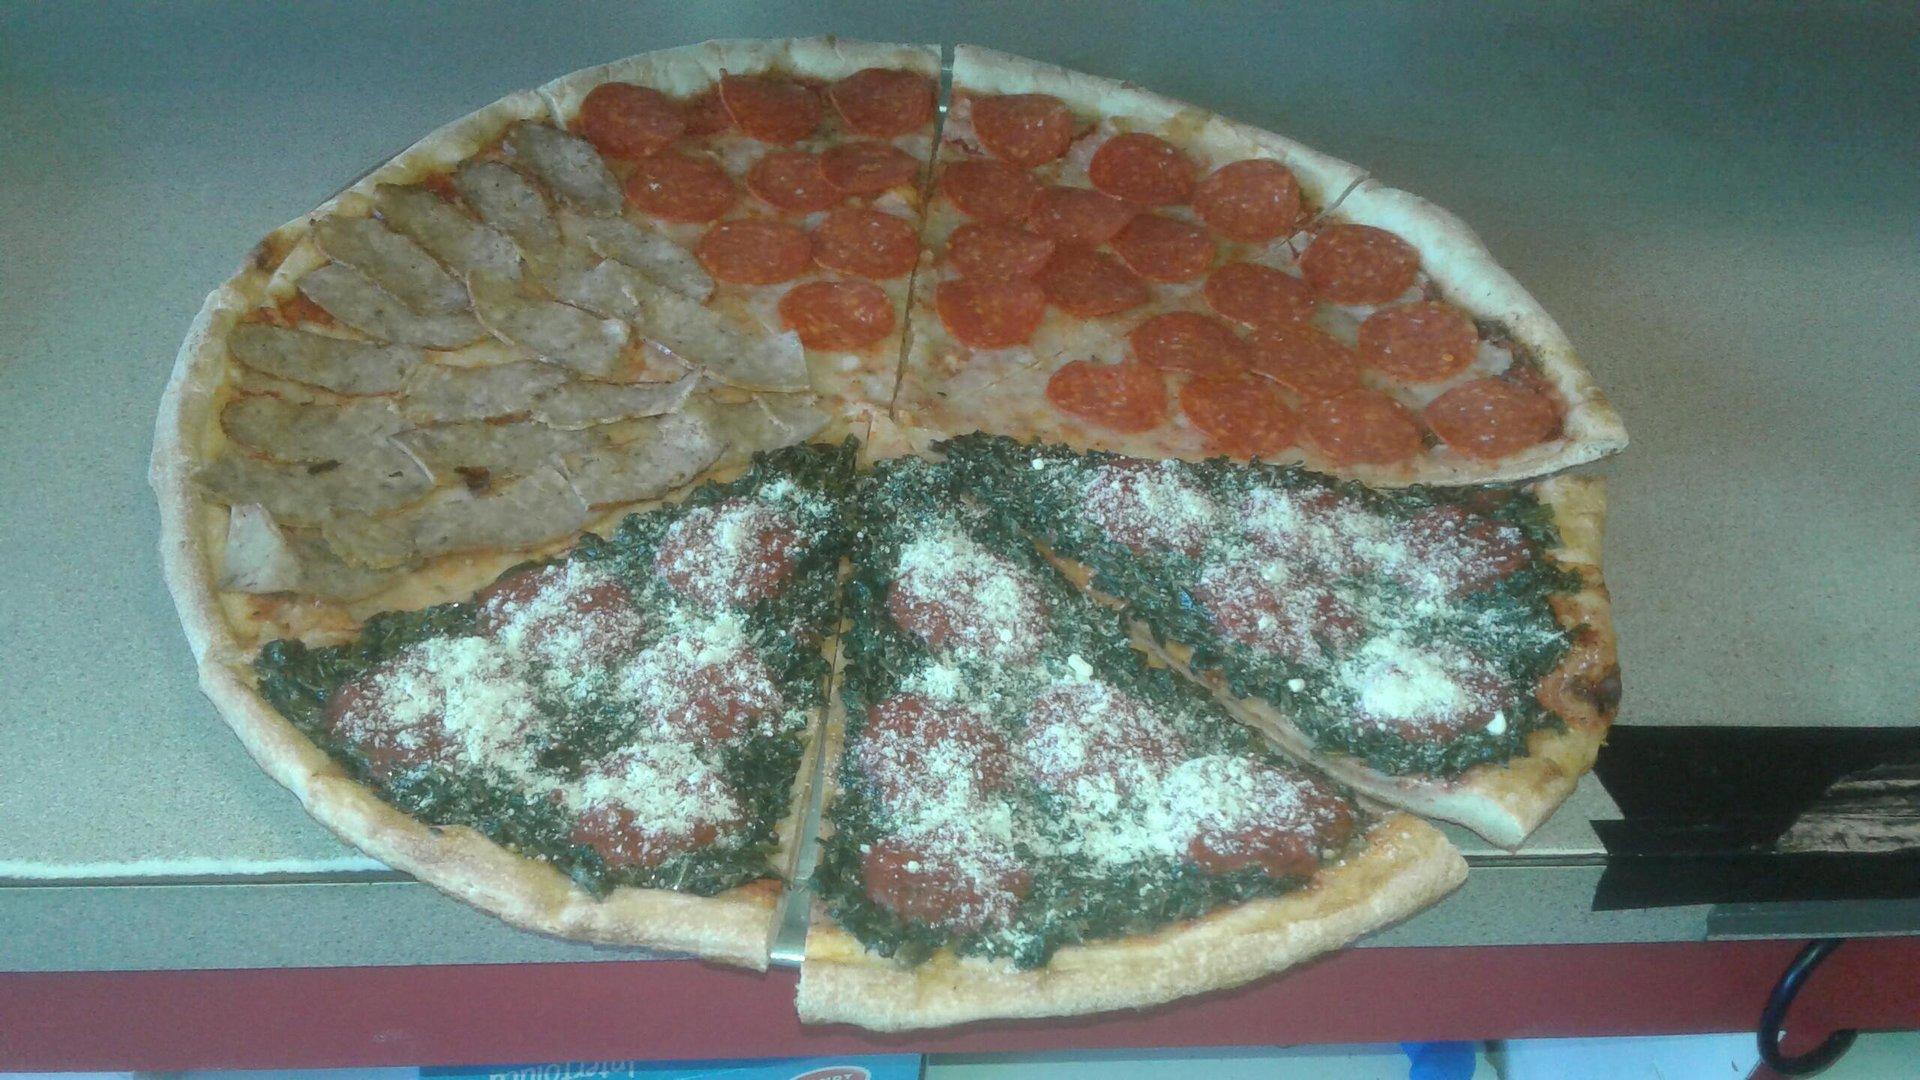 Tony D's Pizza image 4